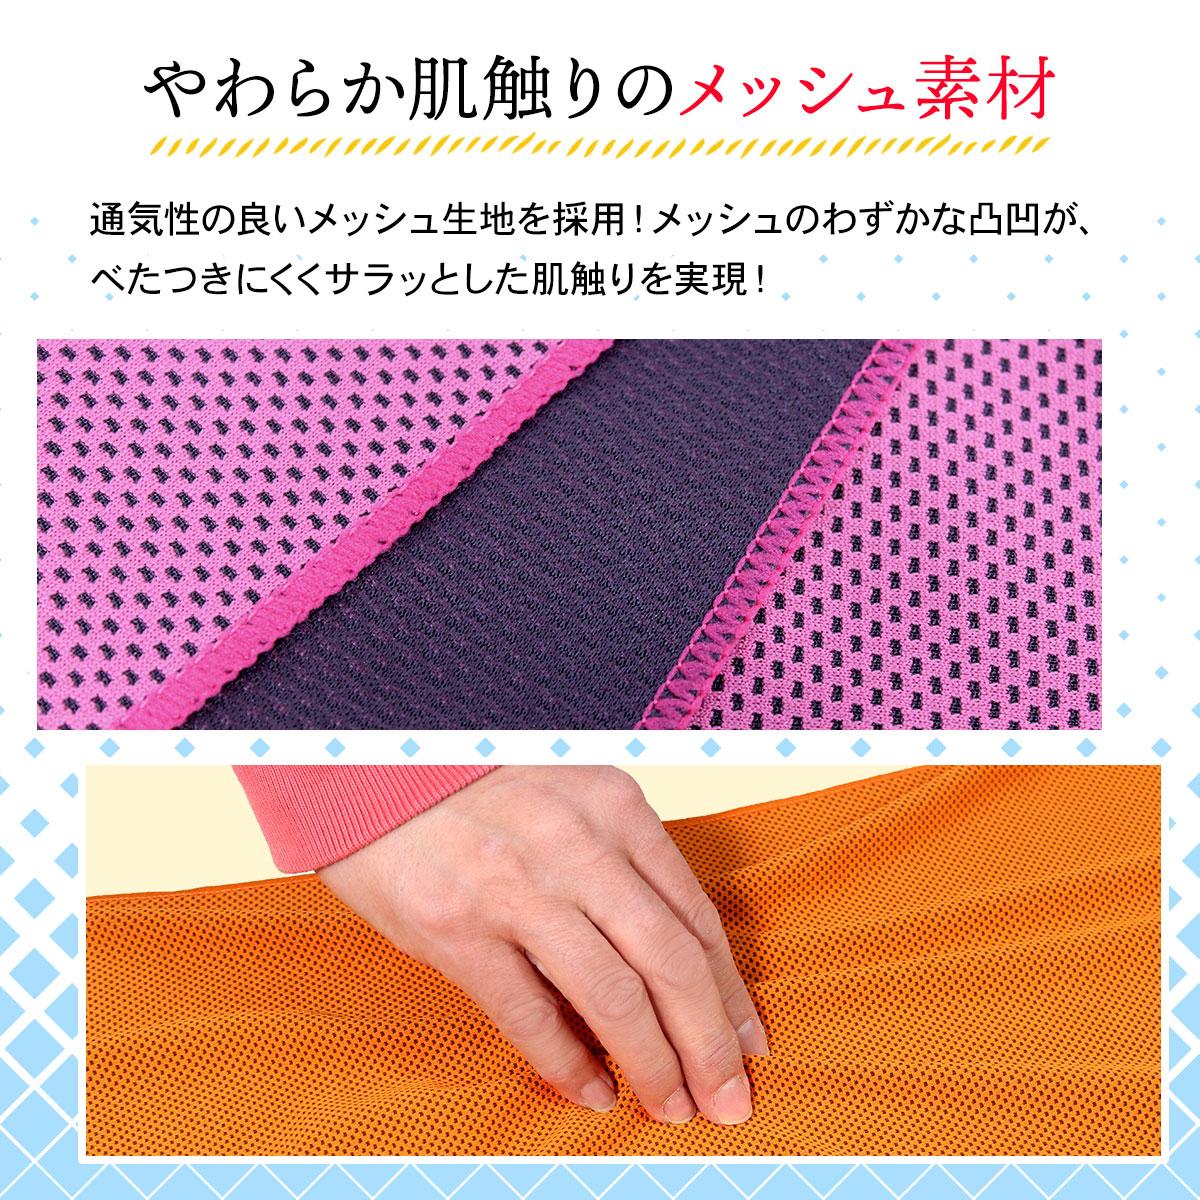 クールタオル 冷感 冷却 タオル 熱中症 暑さ対策 ひんやり スポーツタオル 8枚セット